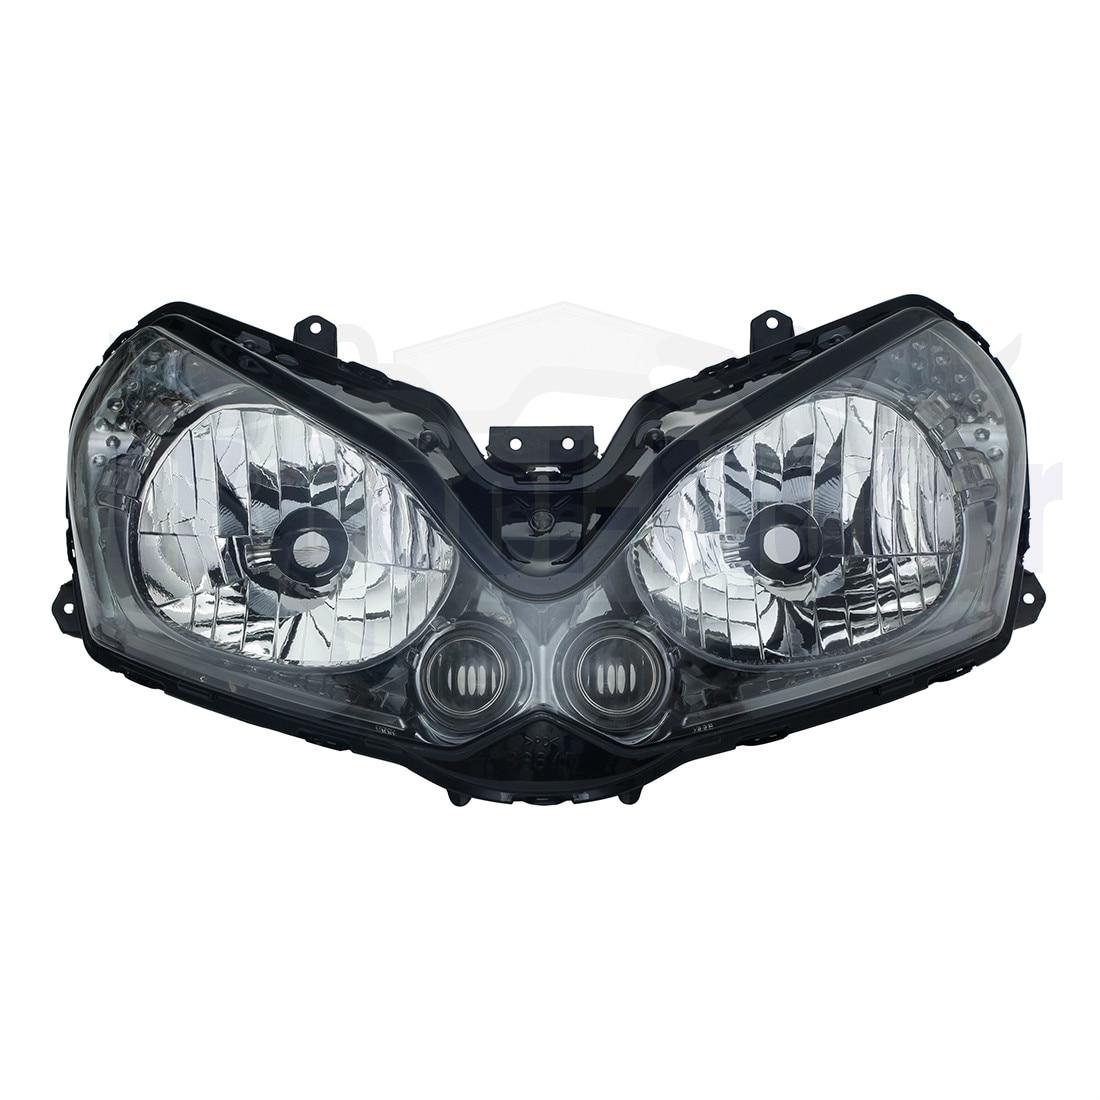 مصابيح تجميع المصابيح الأمامية للدراجة النارية لـ Kawasaki GTR1400 2008-2011 2009 2010